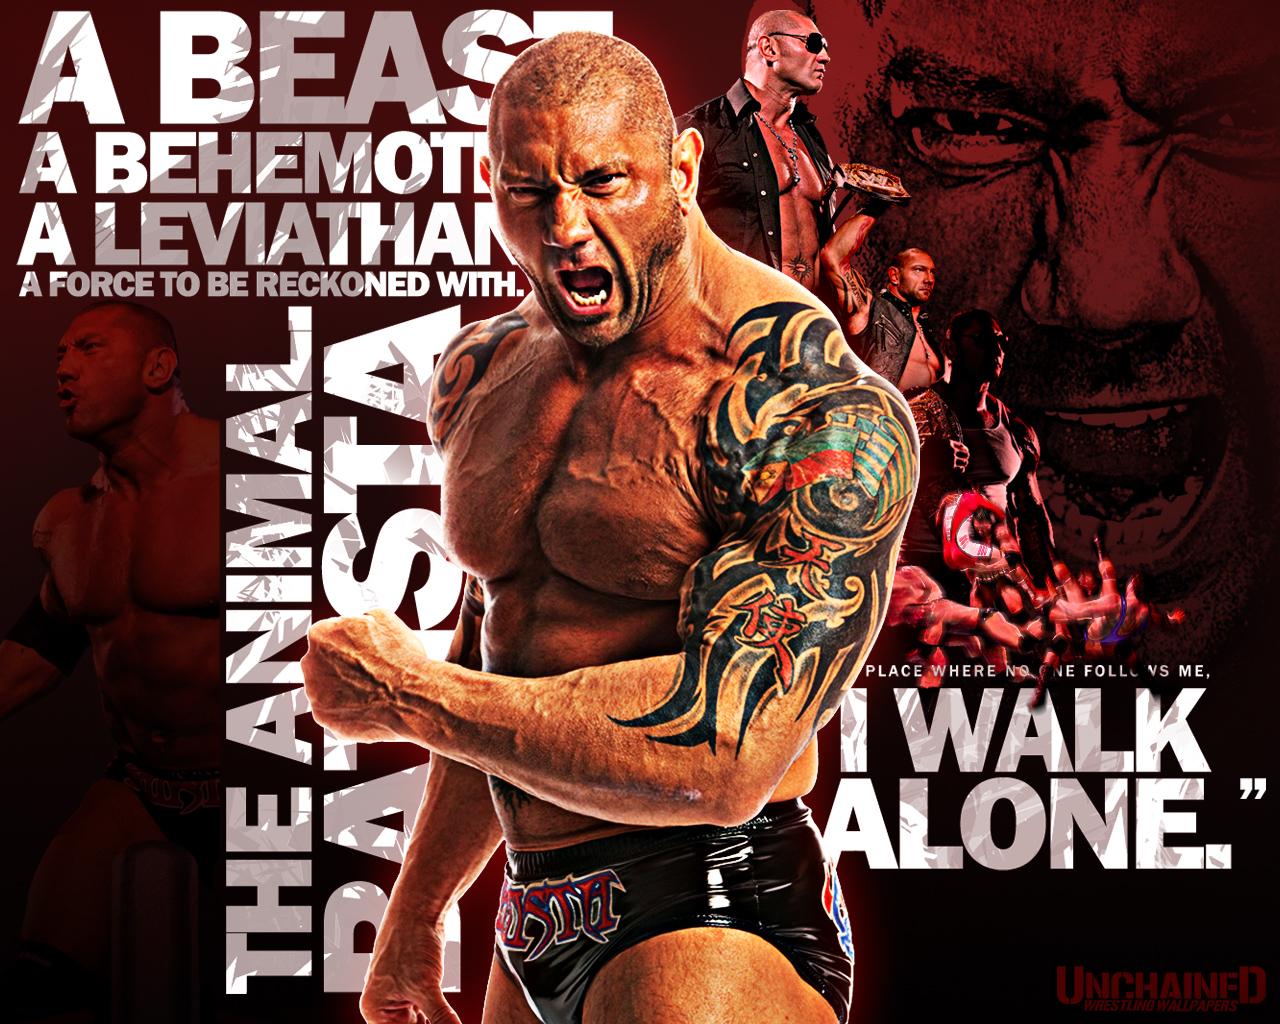 wwe wrestlers wallpaper 1280x1024